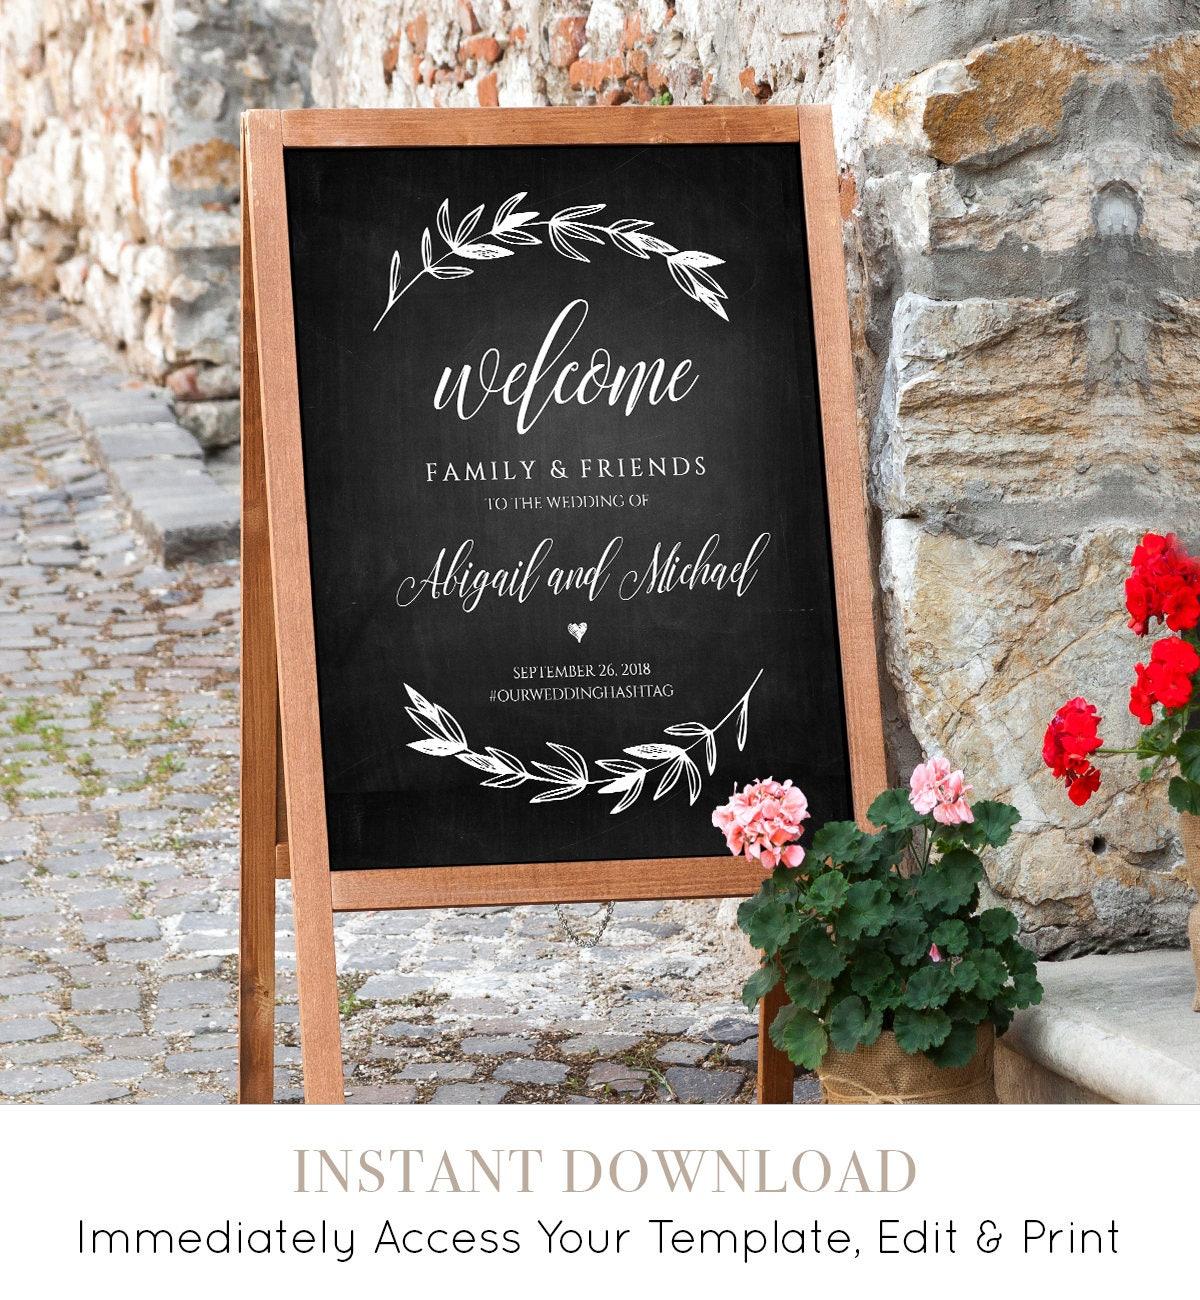 wedding welcome sign template chalkboard wedding poster printable rustic laurels 100. Black Bedroom Furniture Sets. Home Design Ideas